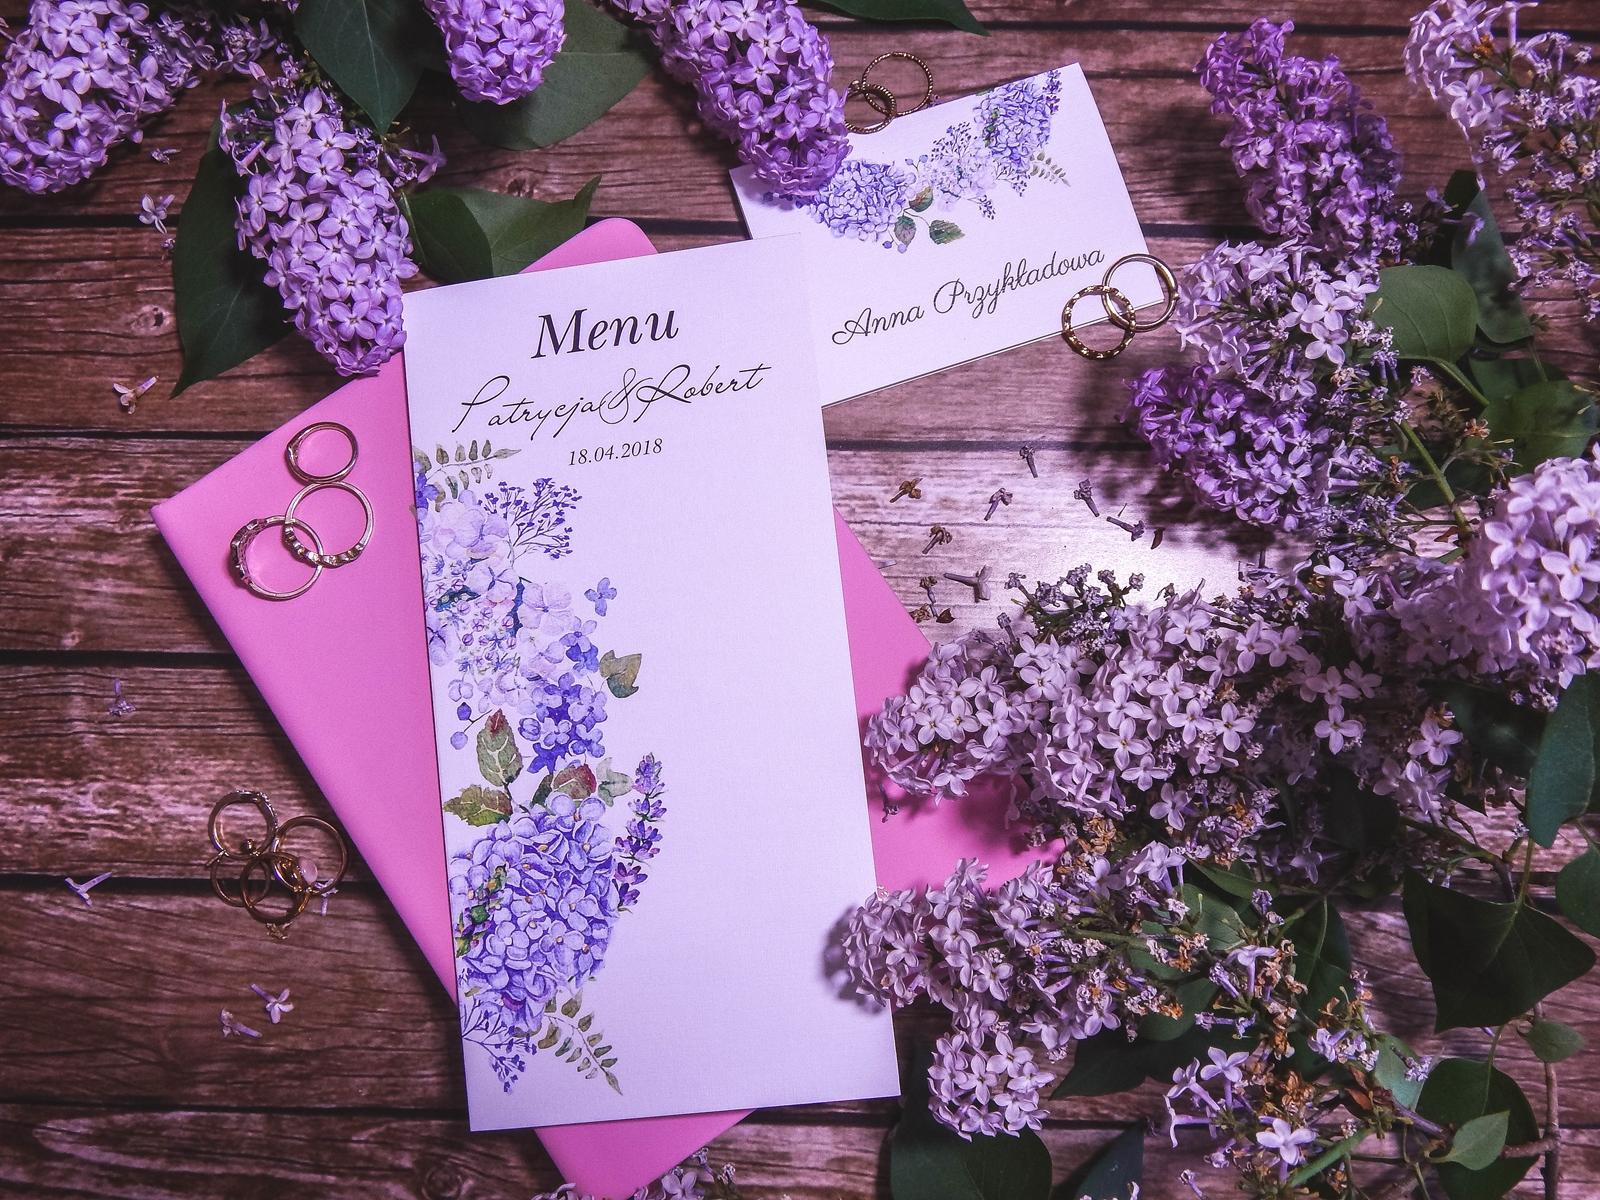 1 jak usadzić goście na weselu zasady rozsadzania gości jak dobrać winietki menu numery na stoły weselne